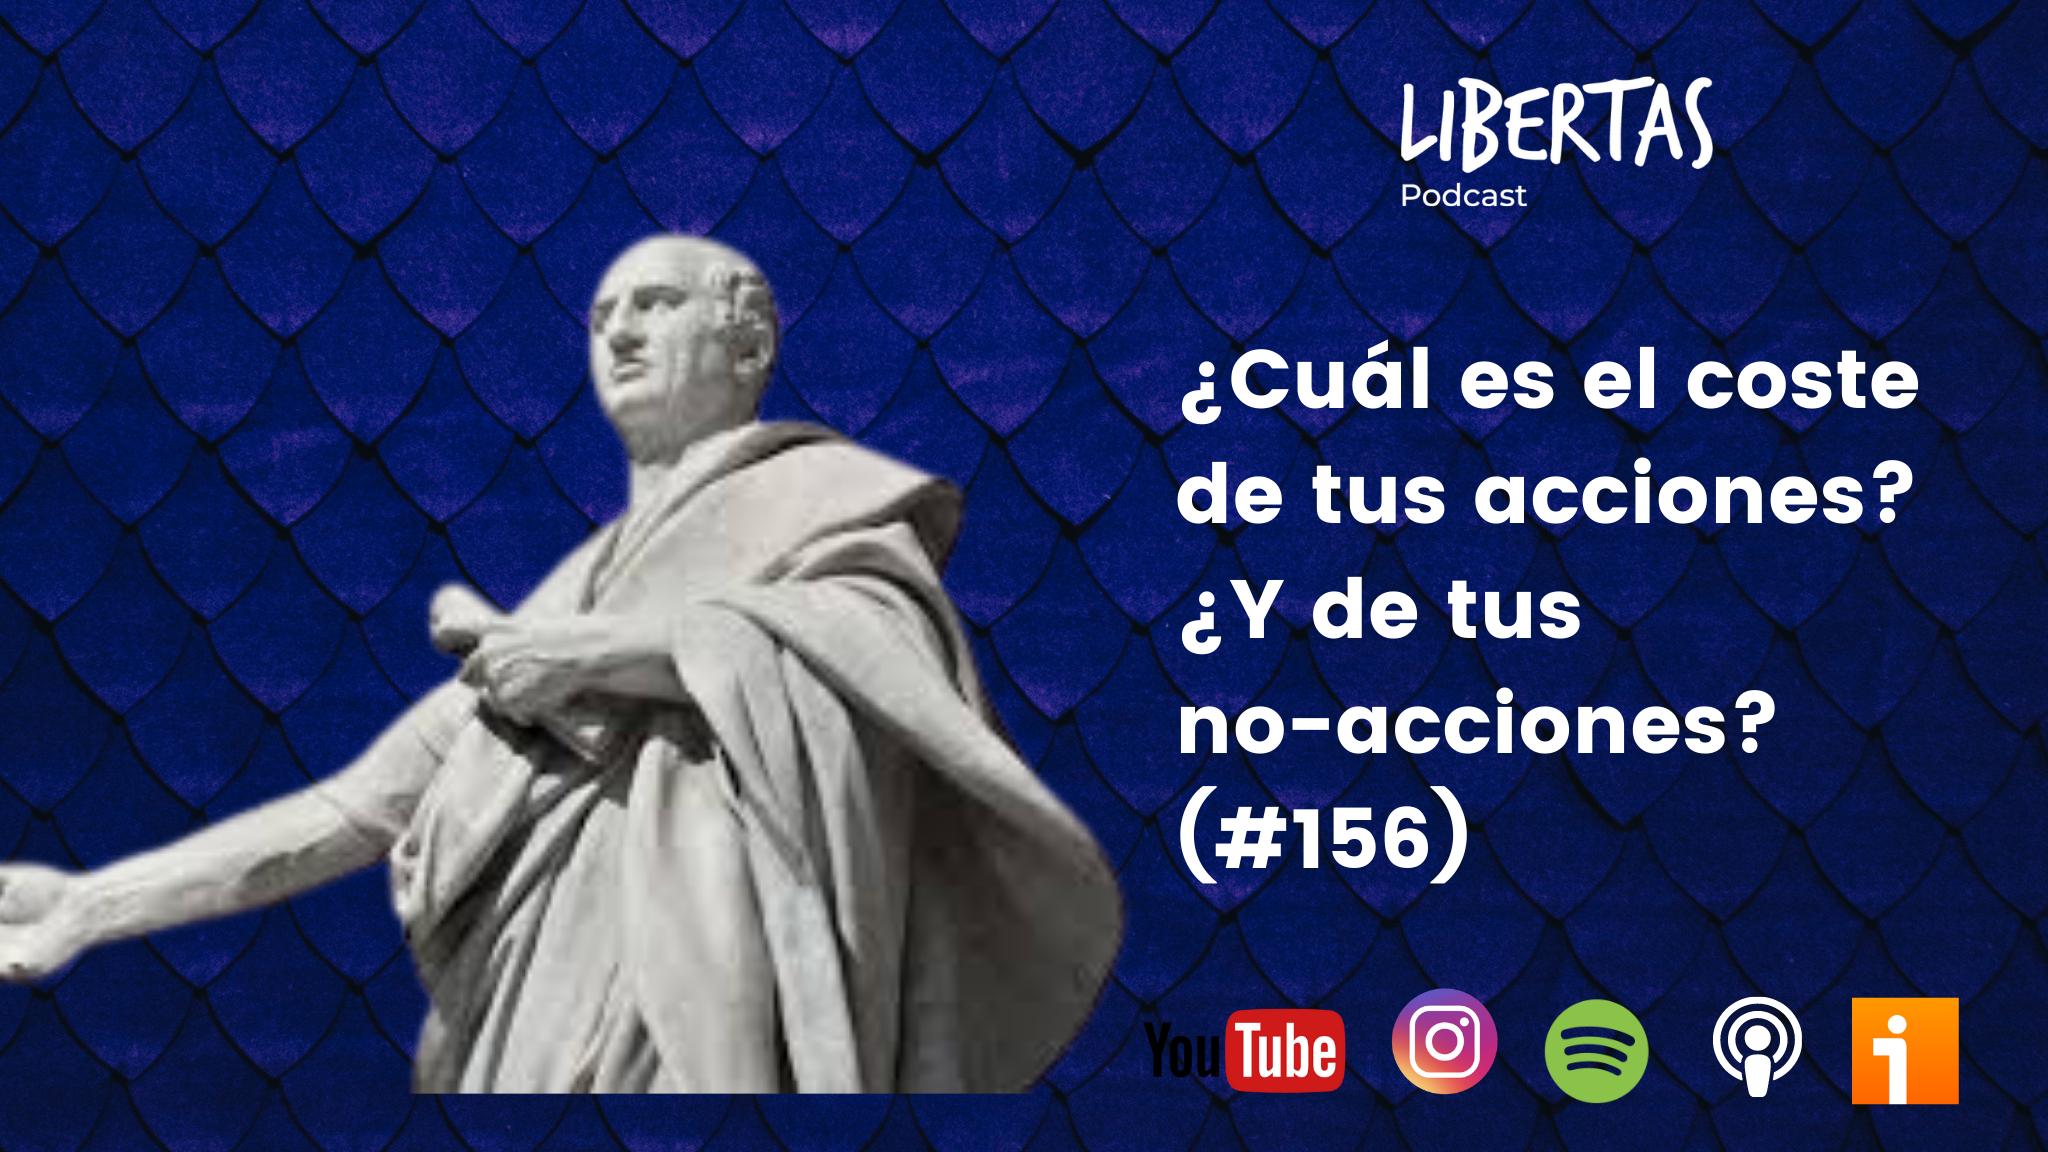 ¿Cuál es el coste de tus acciones?¿Y de tus no-acciones? (#156) - agustinblanco.com